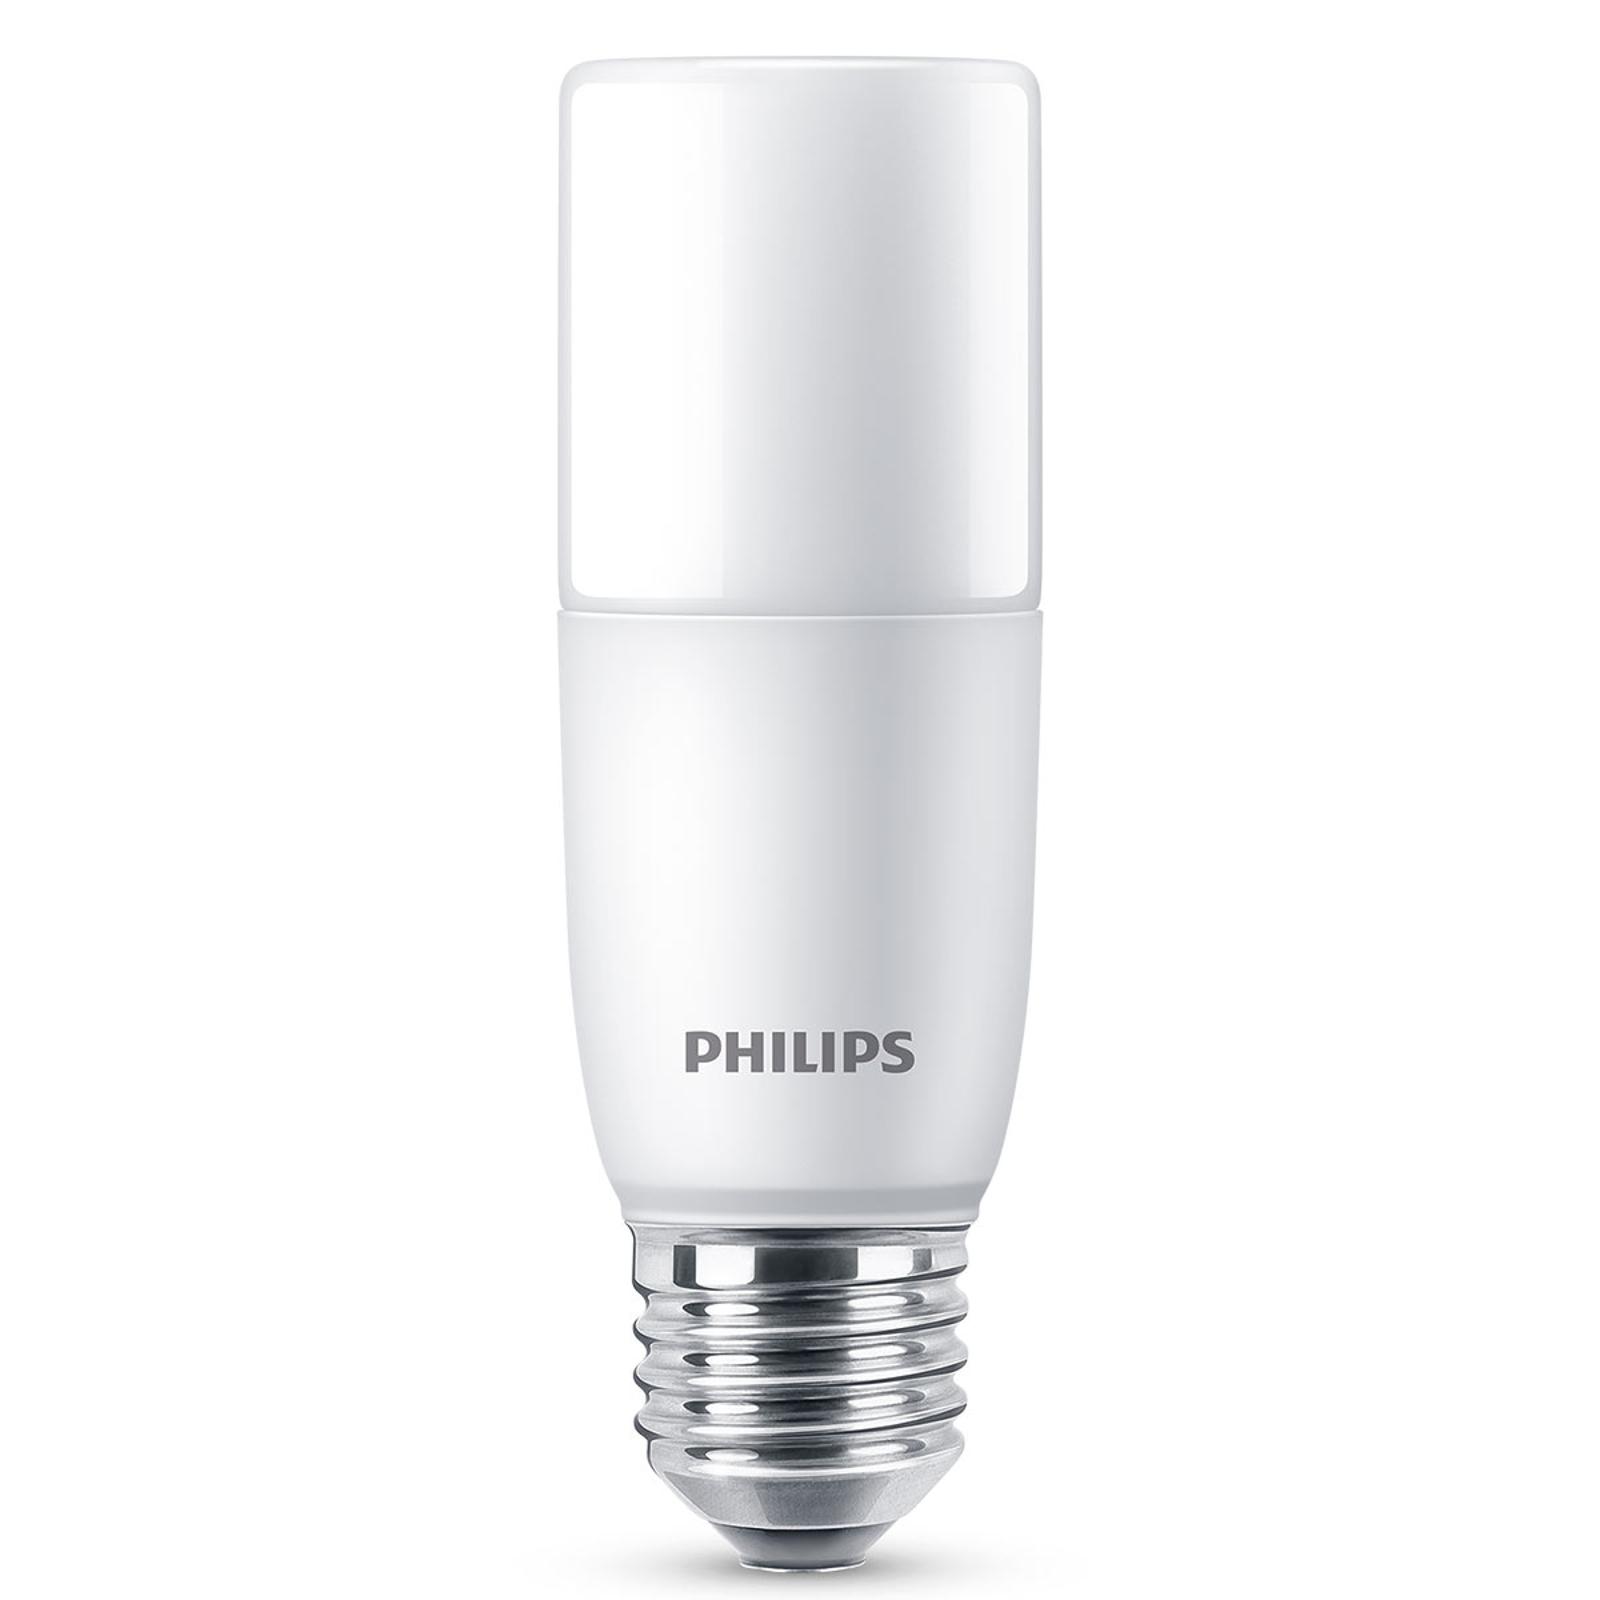 Philips E27 LED-Röhrenlampe 9,5W warmweiß